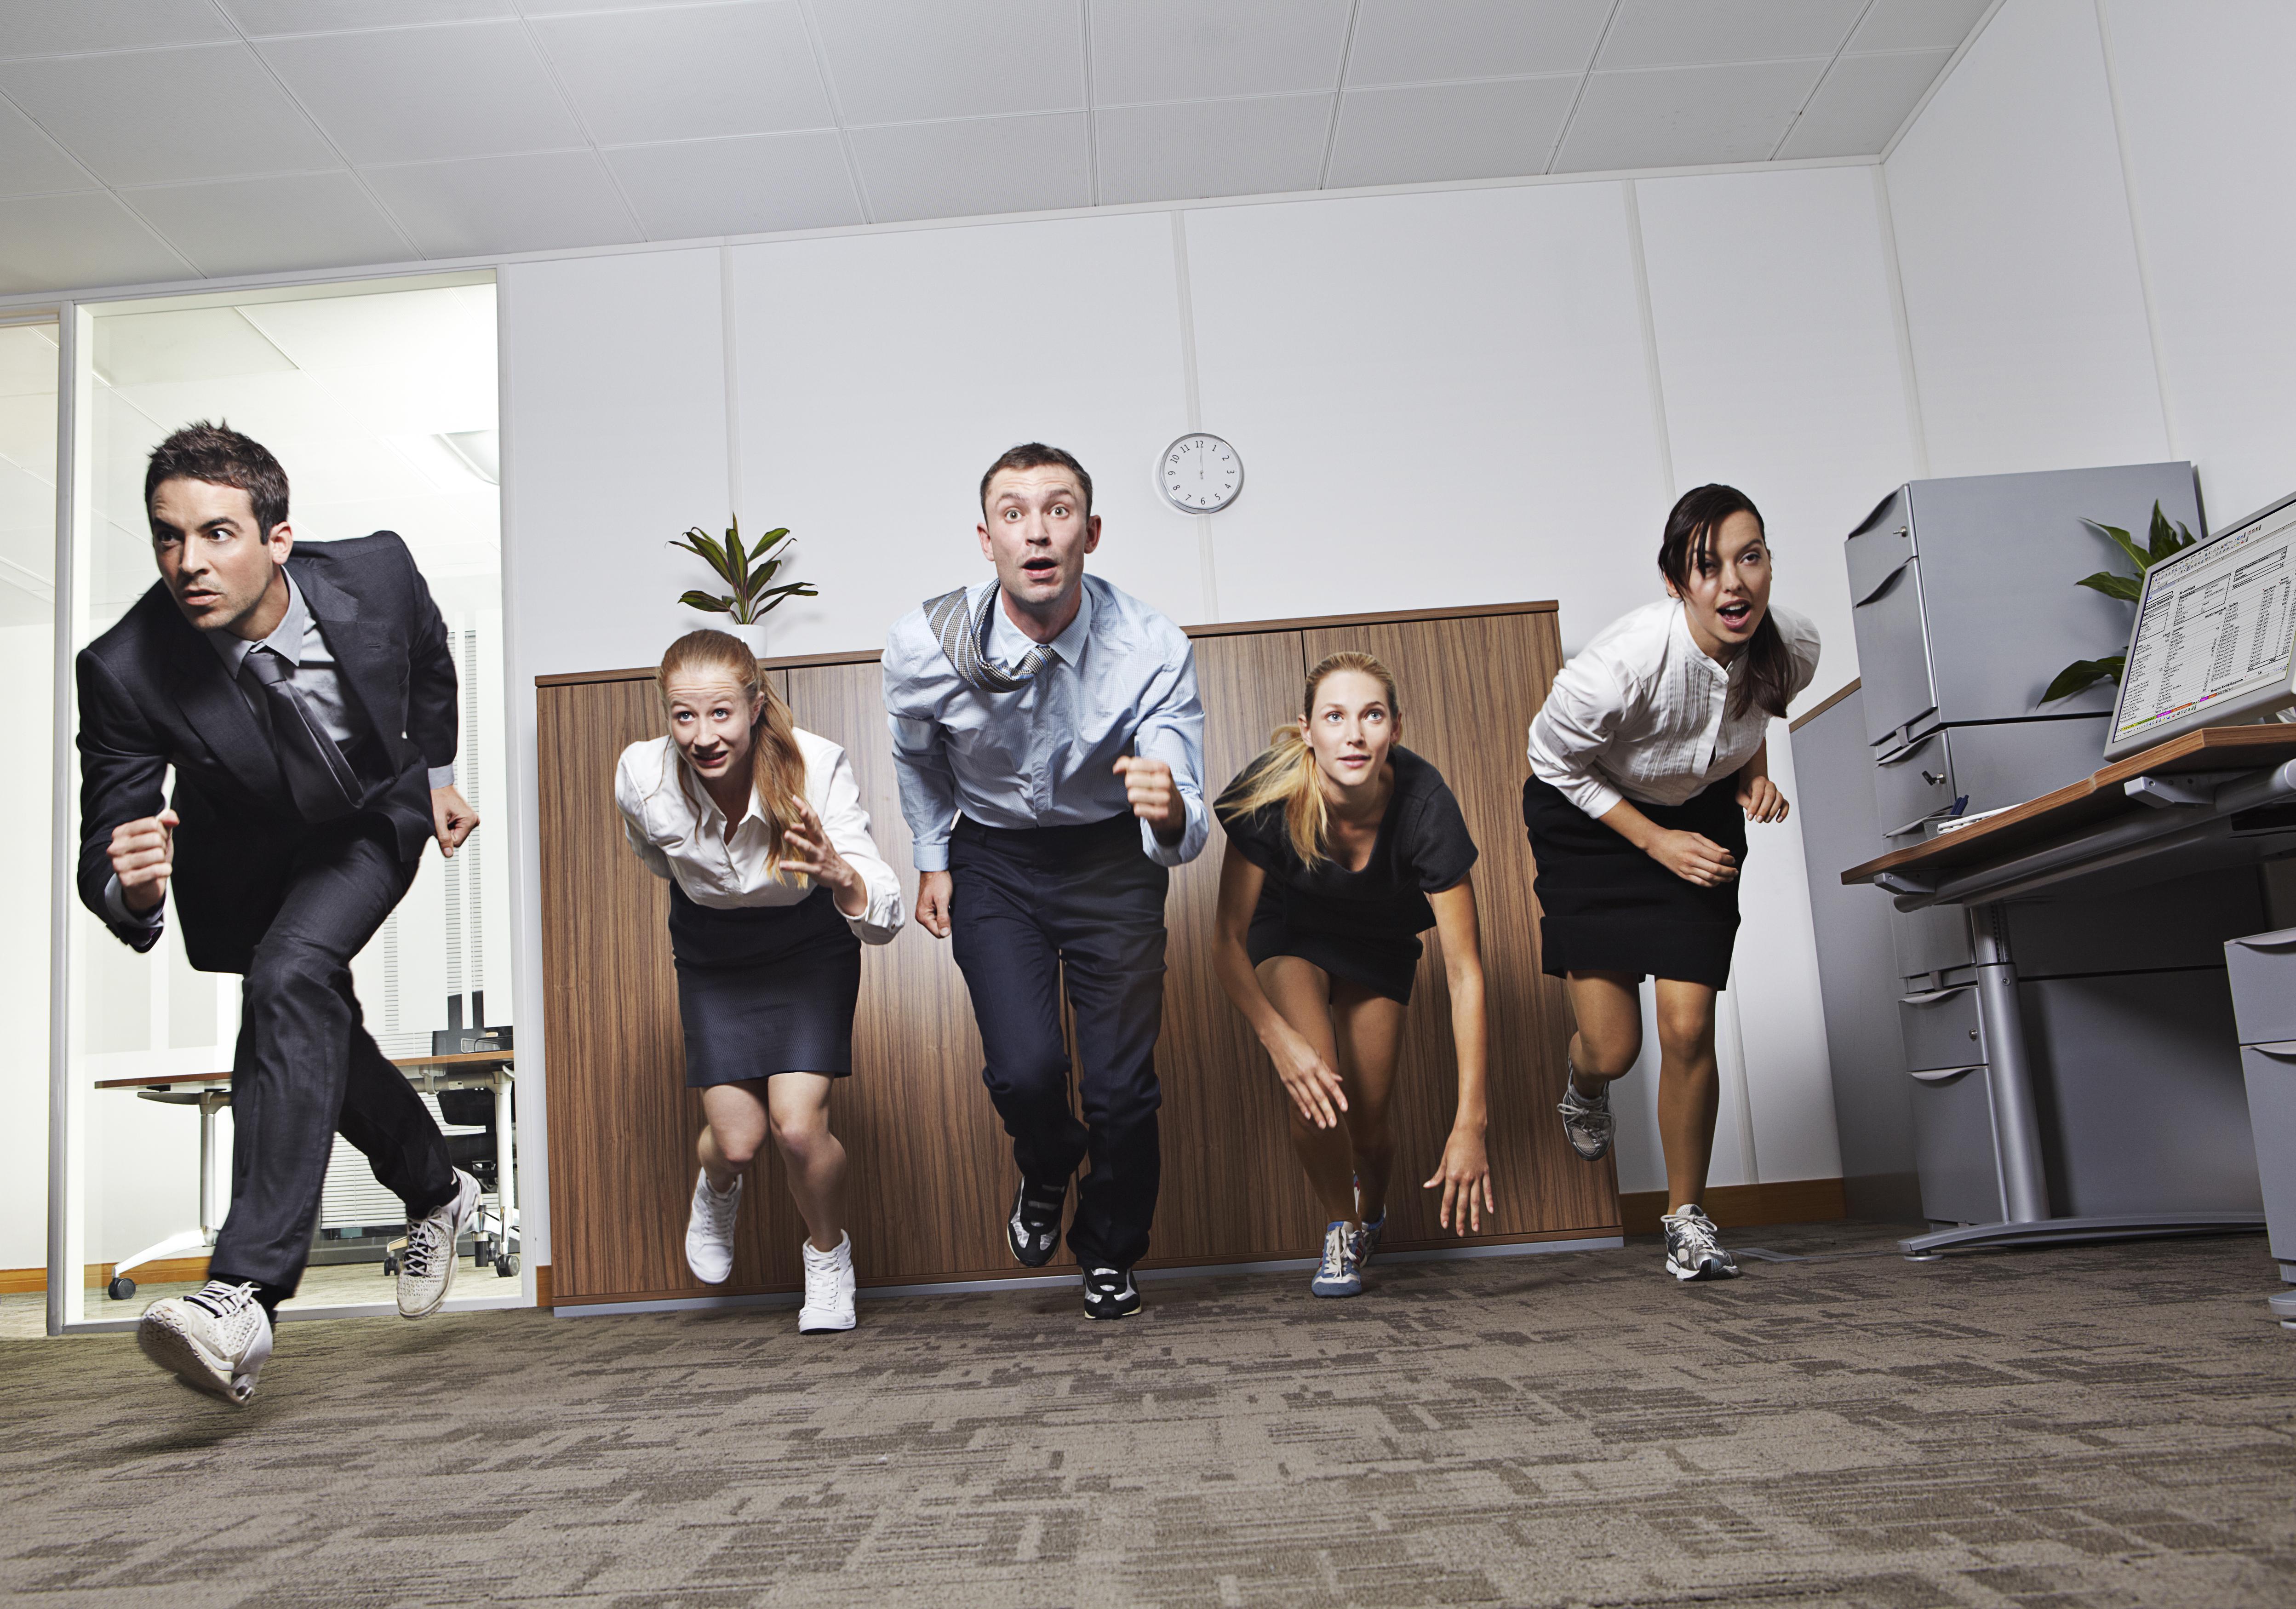 Work sprints